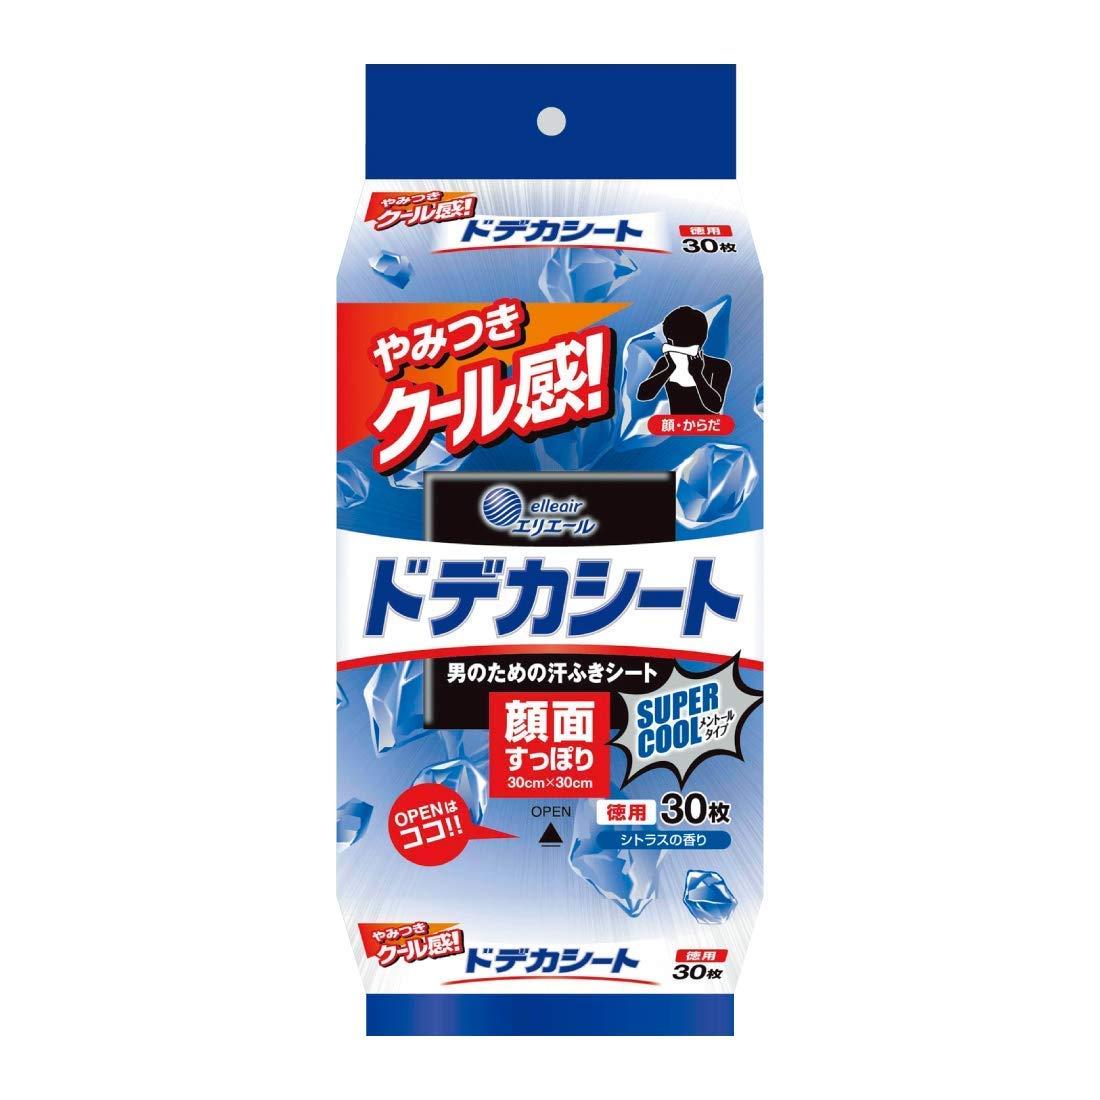 【大王製紙】エリエール for MEN スーパークールタイプのサムネイル